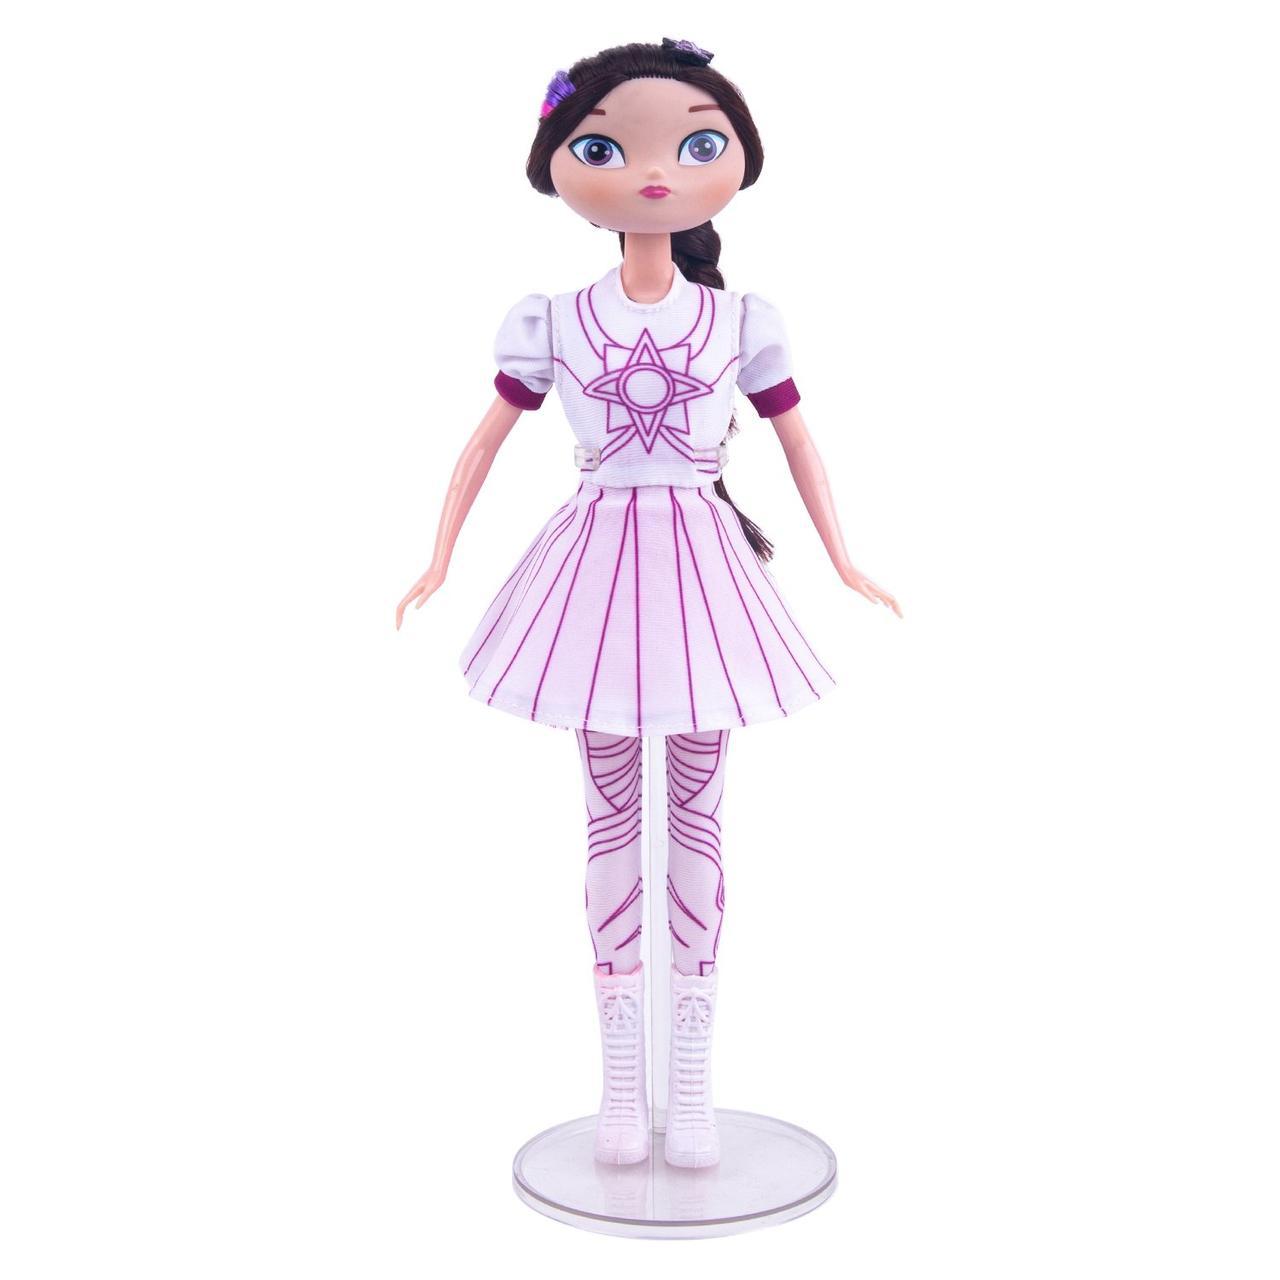 Сказочный патруль - Кукла Варя «Раскрась и смой водой» - Лидер команды